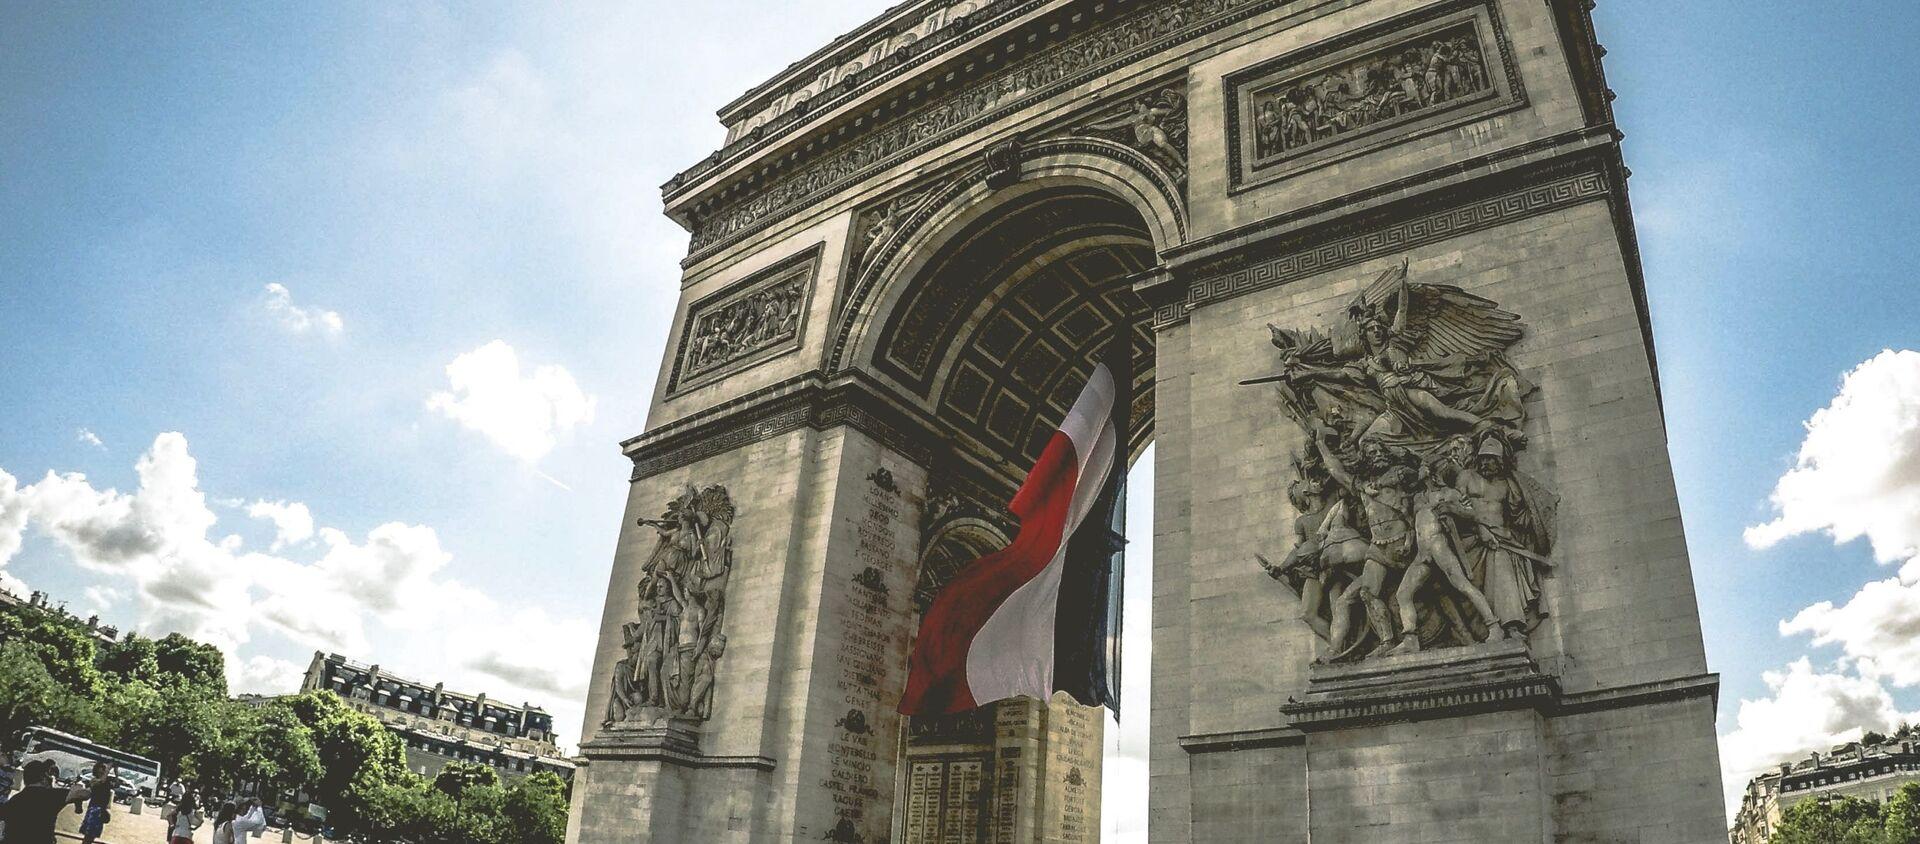 El Arco de Triunfo de París, Francia - Sputnik Mundo, 1920, 24.08.2019